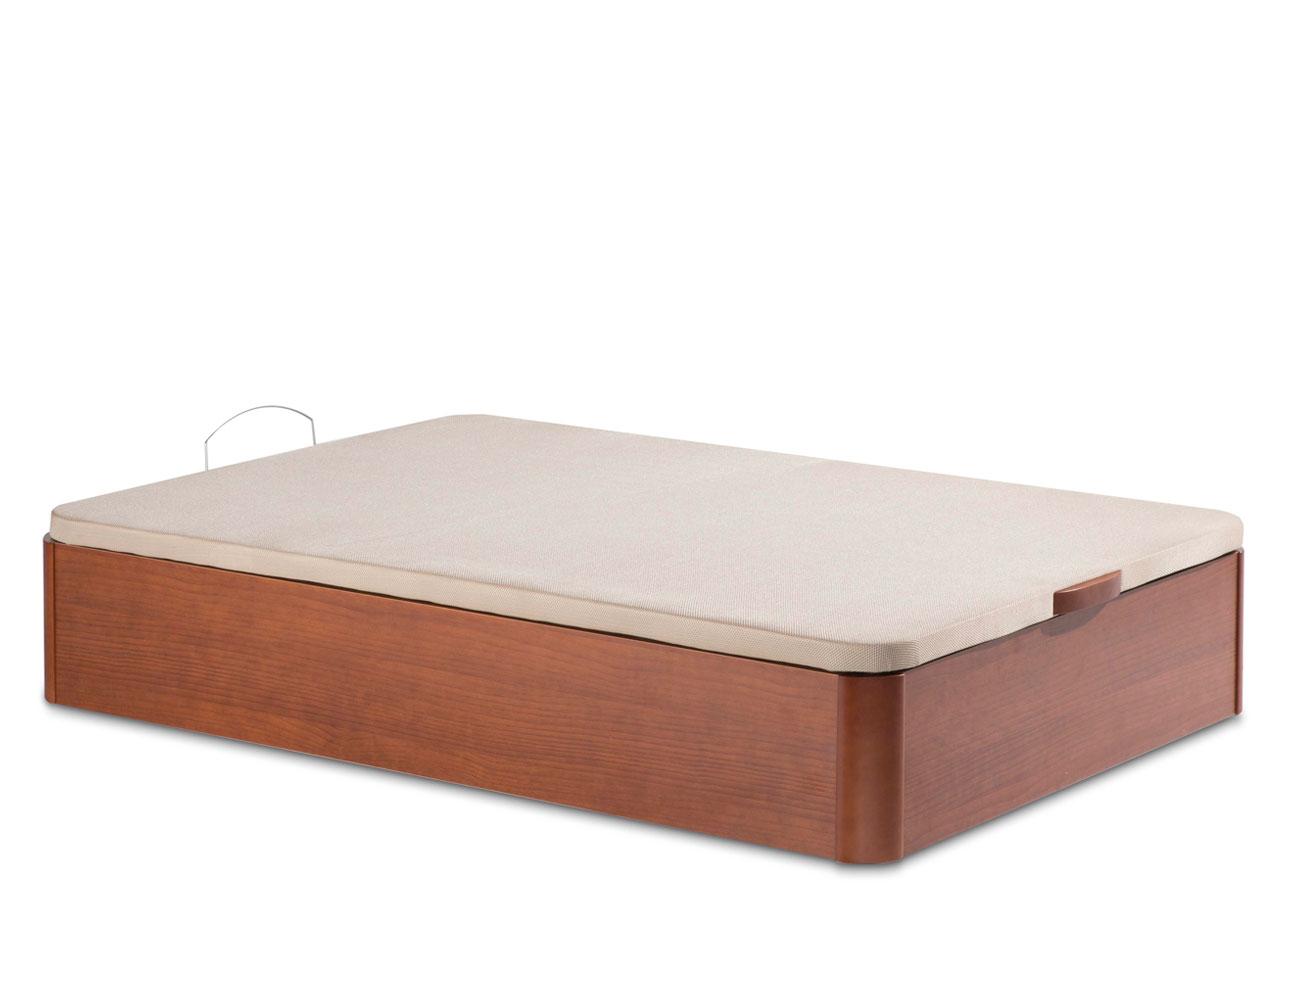 Canape madera base 3d 7317